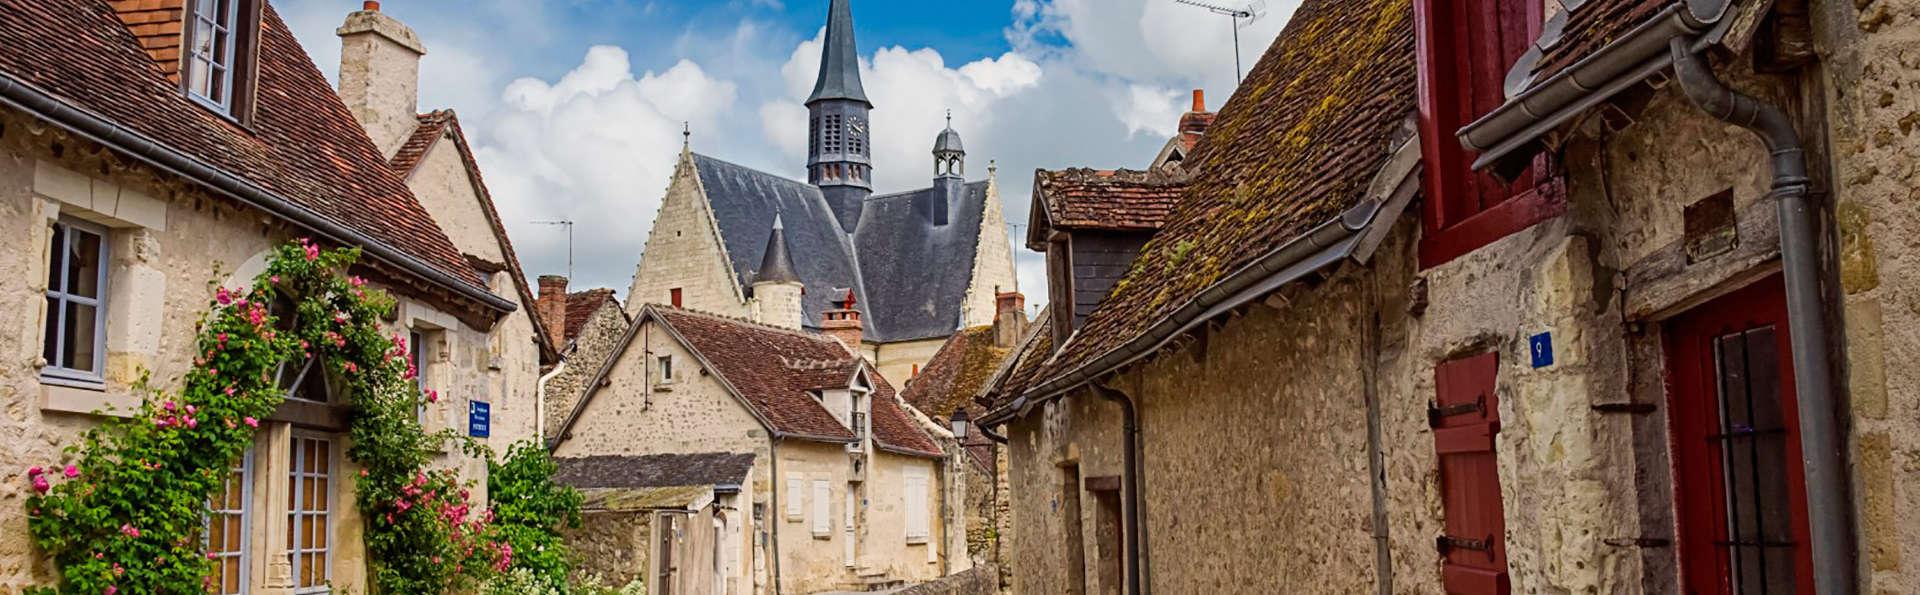 Escapade romantique au cœur des châteaux de la Loire